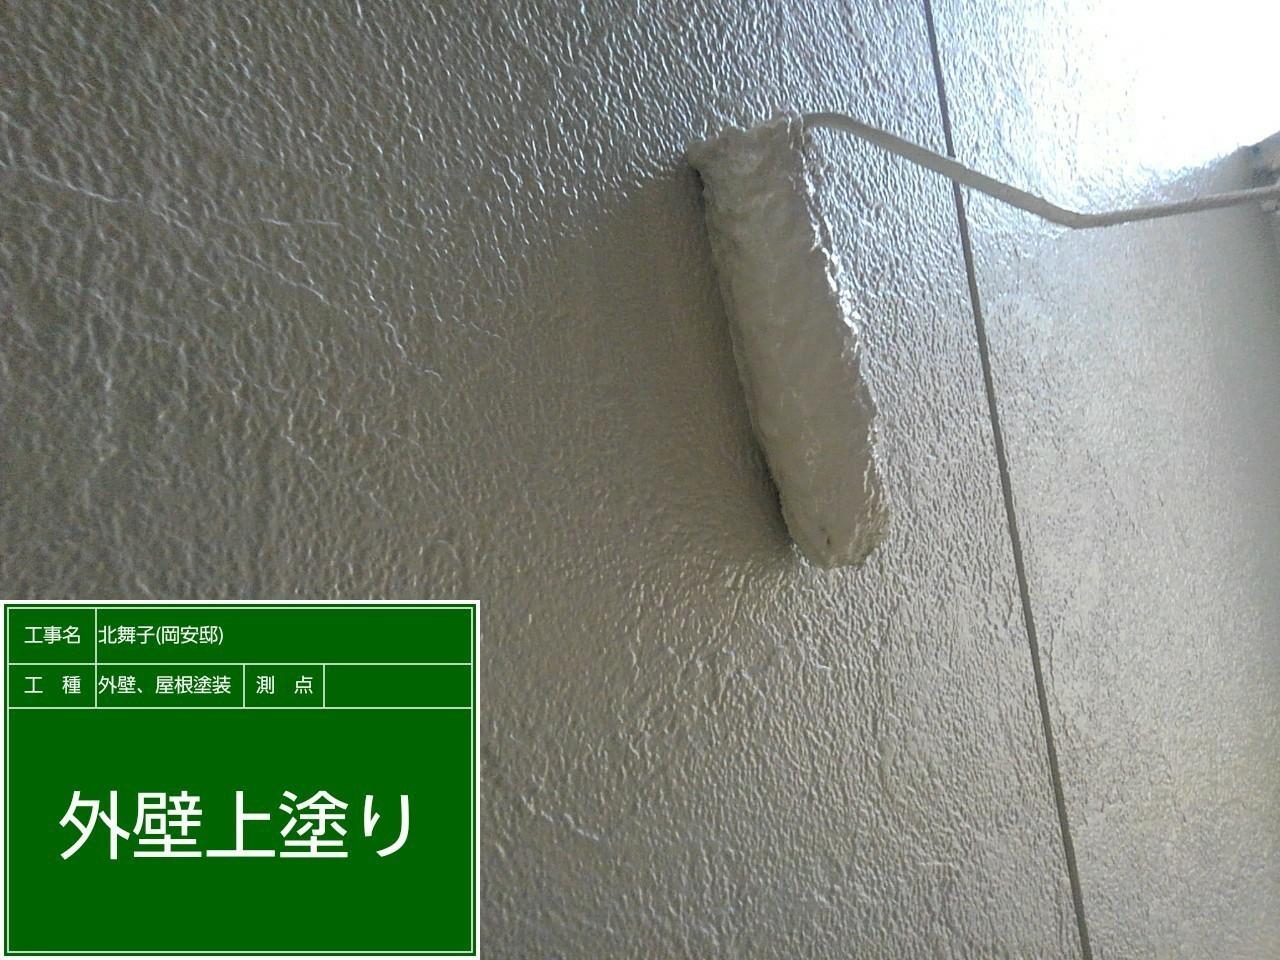 神戸市垂水区での外壁塗装工事でサイデイングに上塗りしている様子